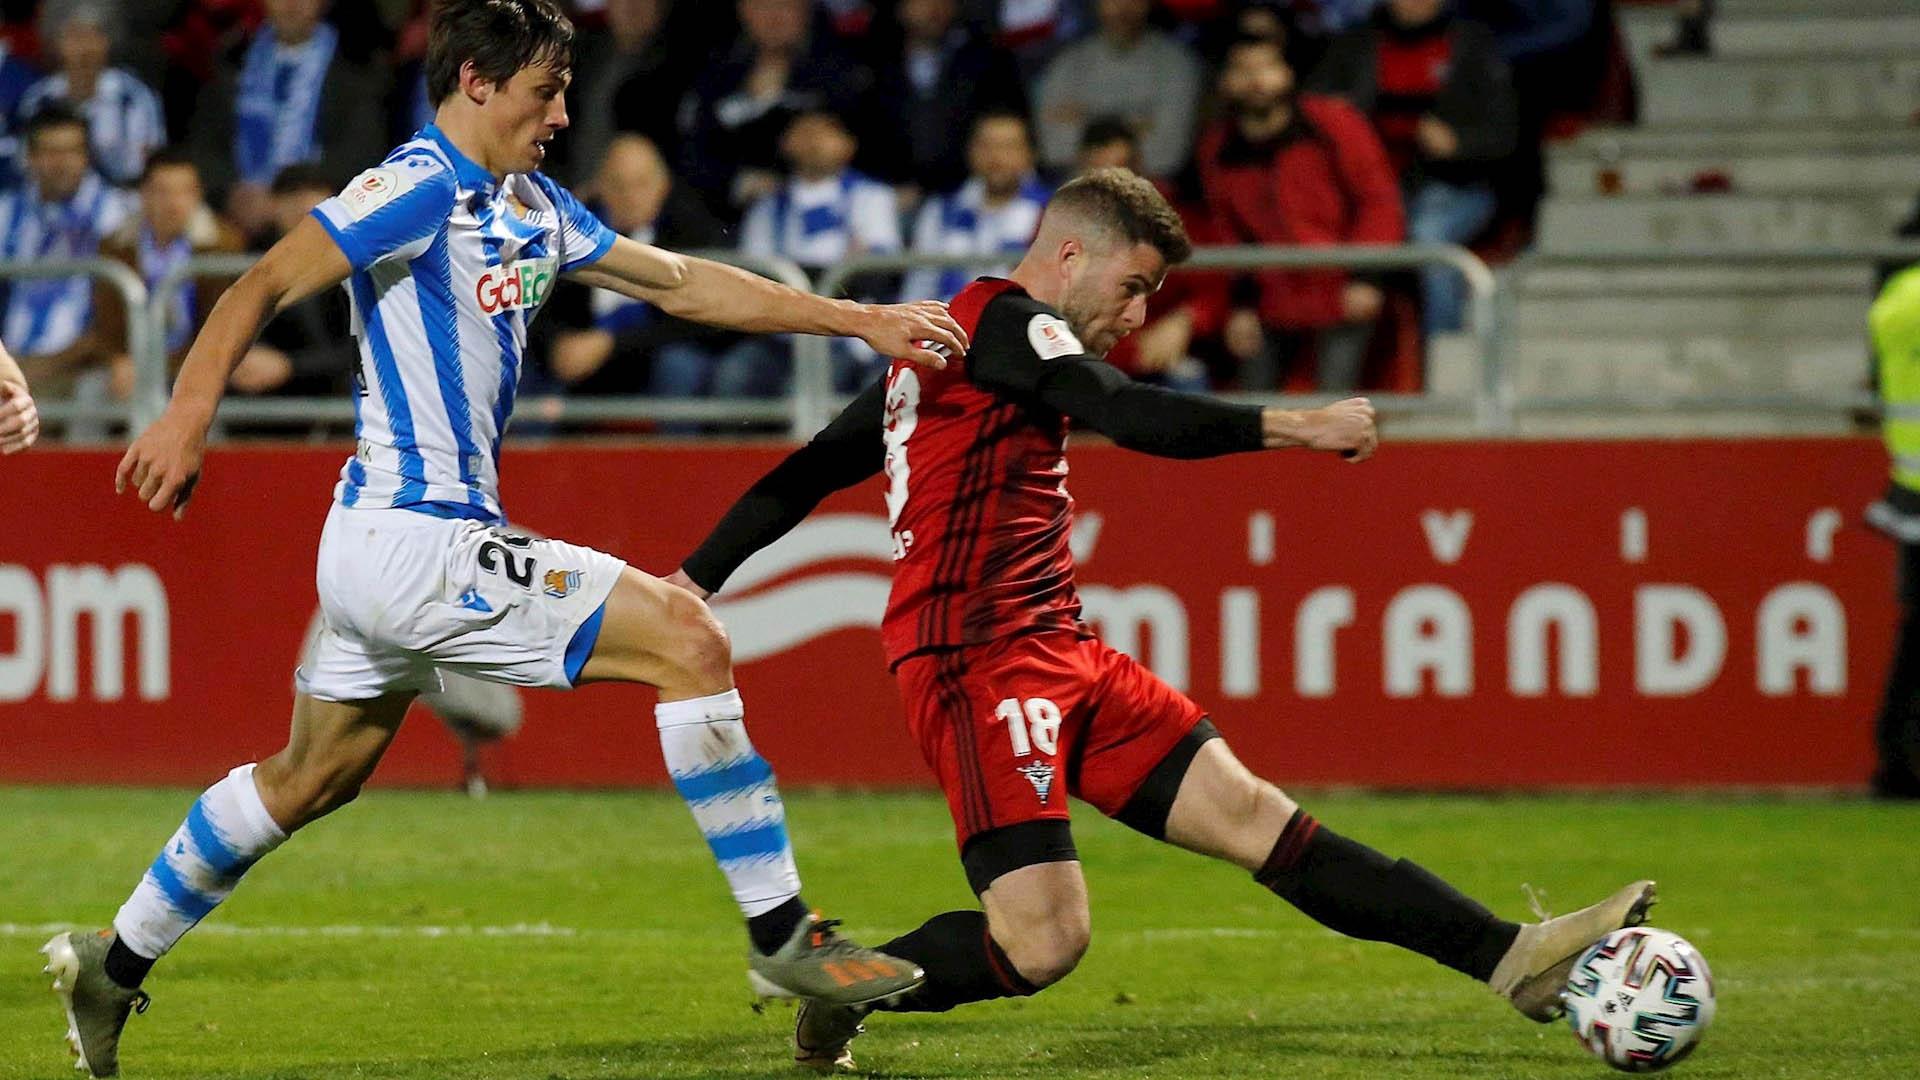 Mirandés Real Sociedad Copa del Rey 2